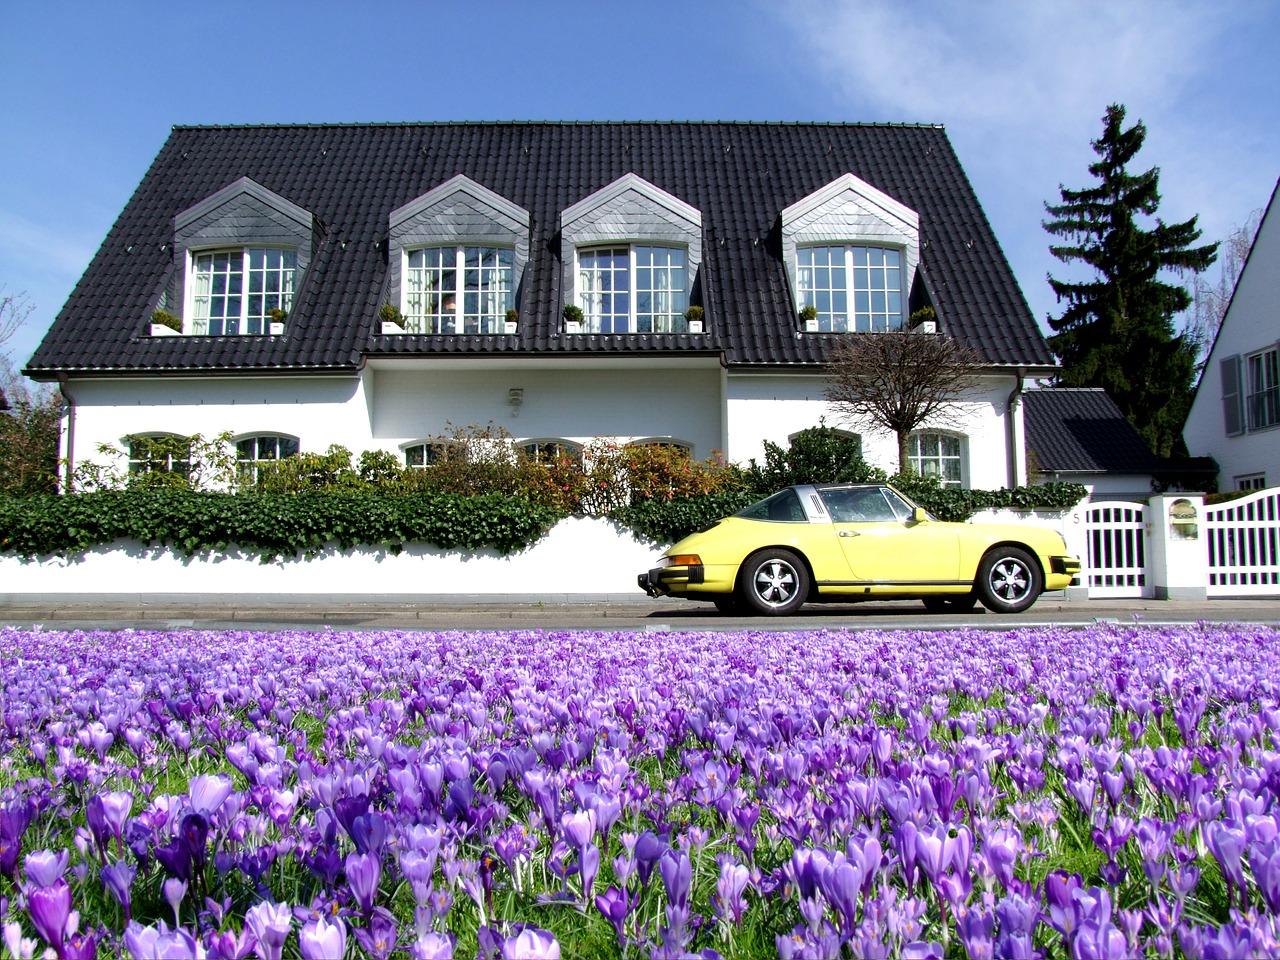 hedera bauwert: Die Eigentumsimmobilie erlebt eine Renaissance